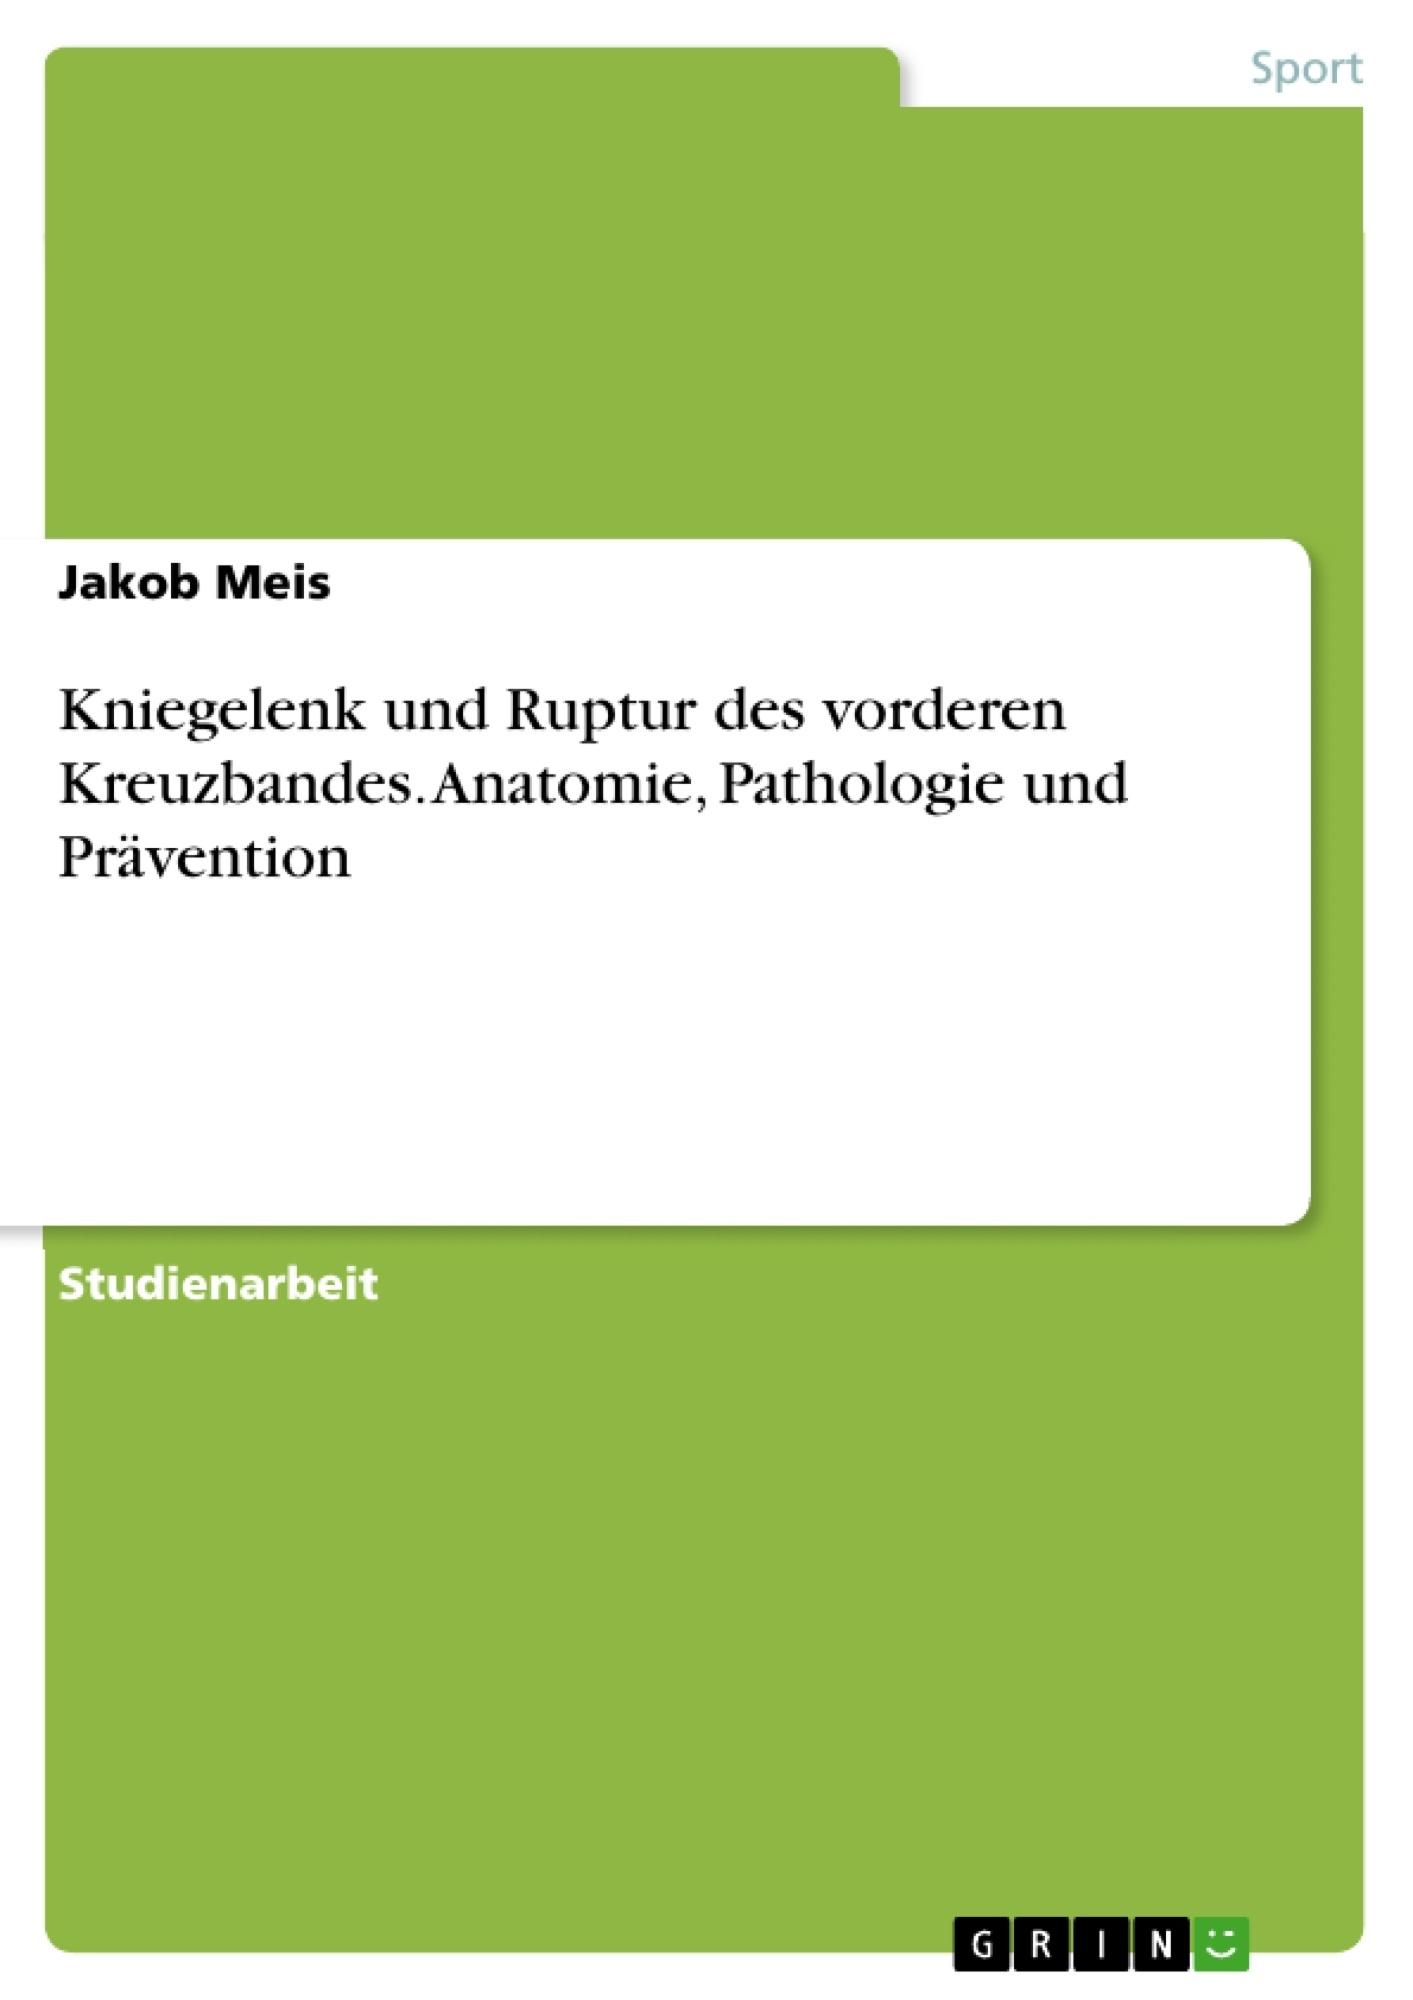 Titel: Kniegelenk und Ruptur des vorderen Kreuzbandes. Anatomie, Pathologie und Prävention